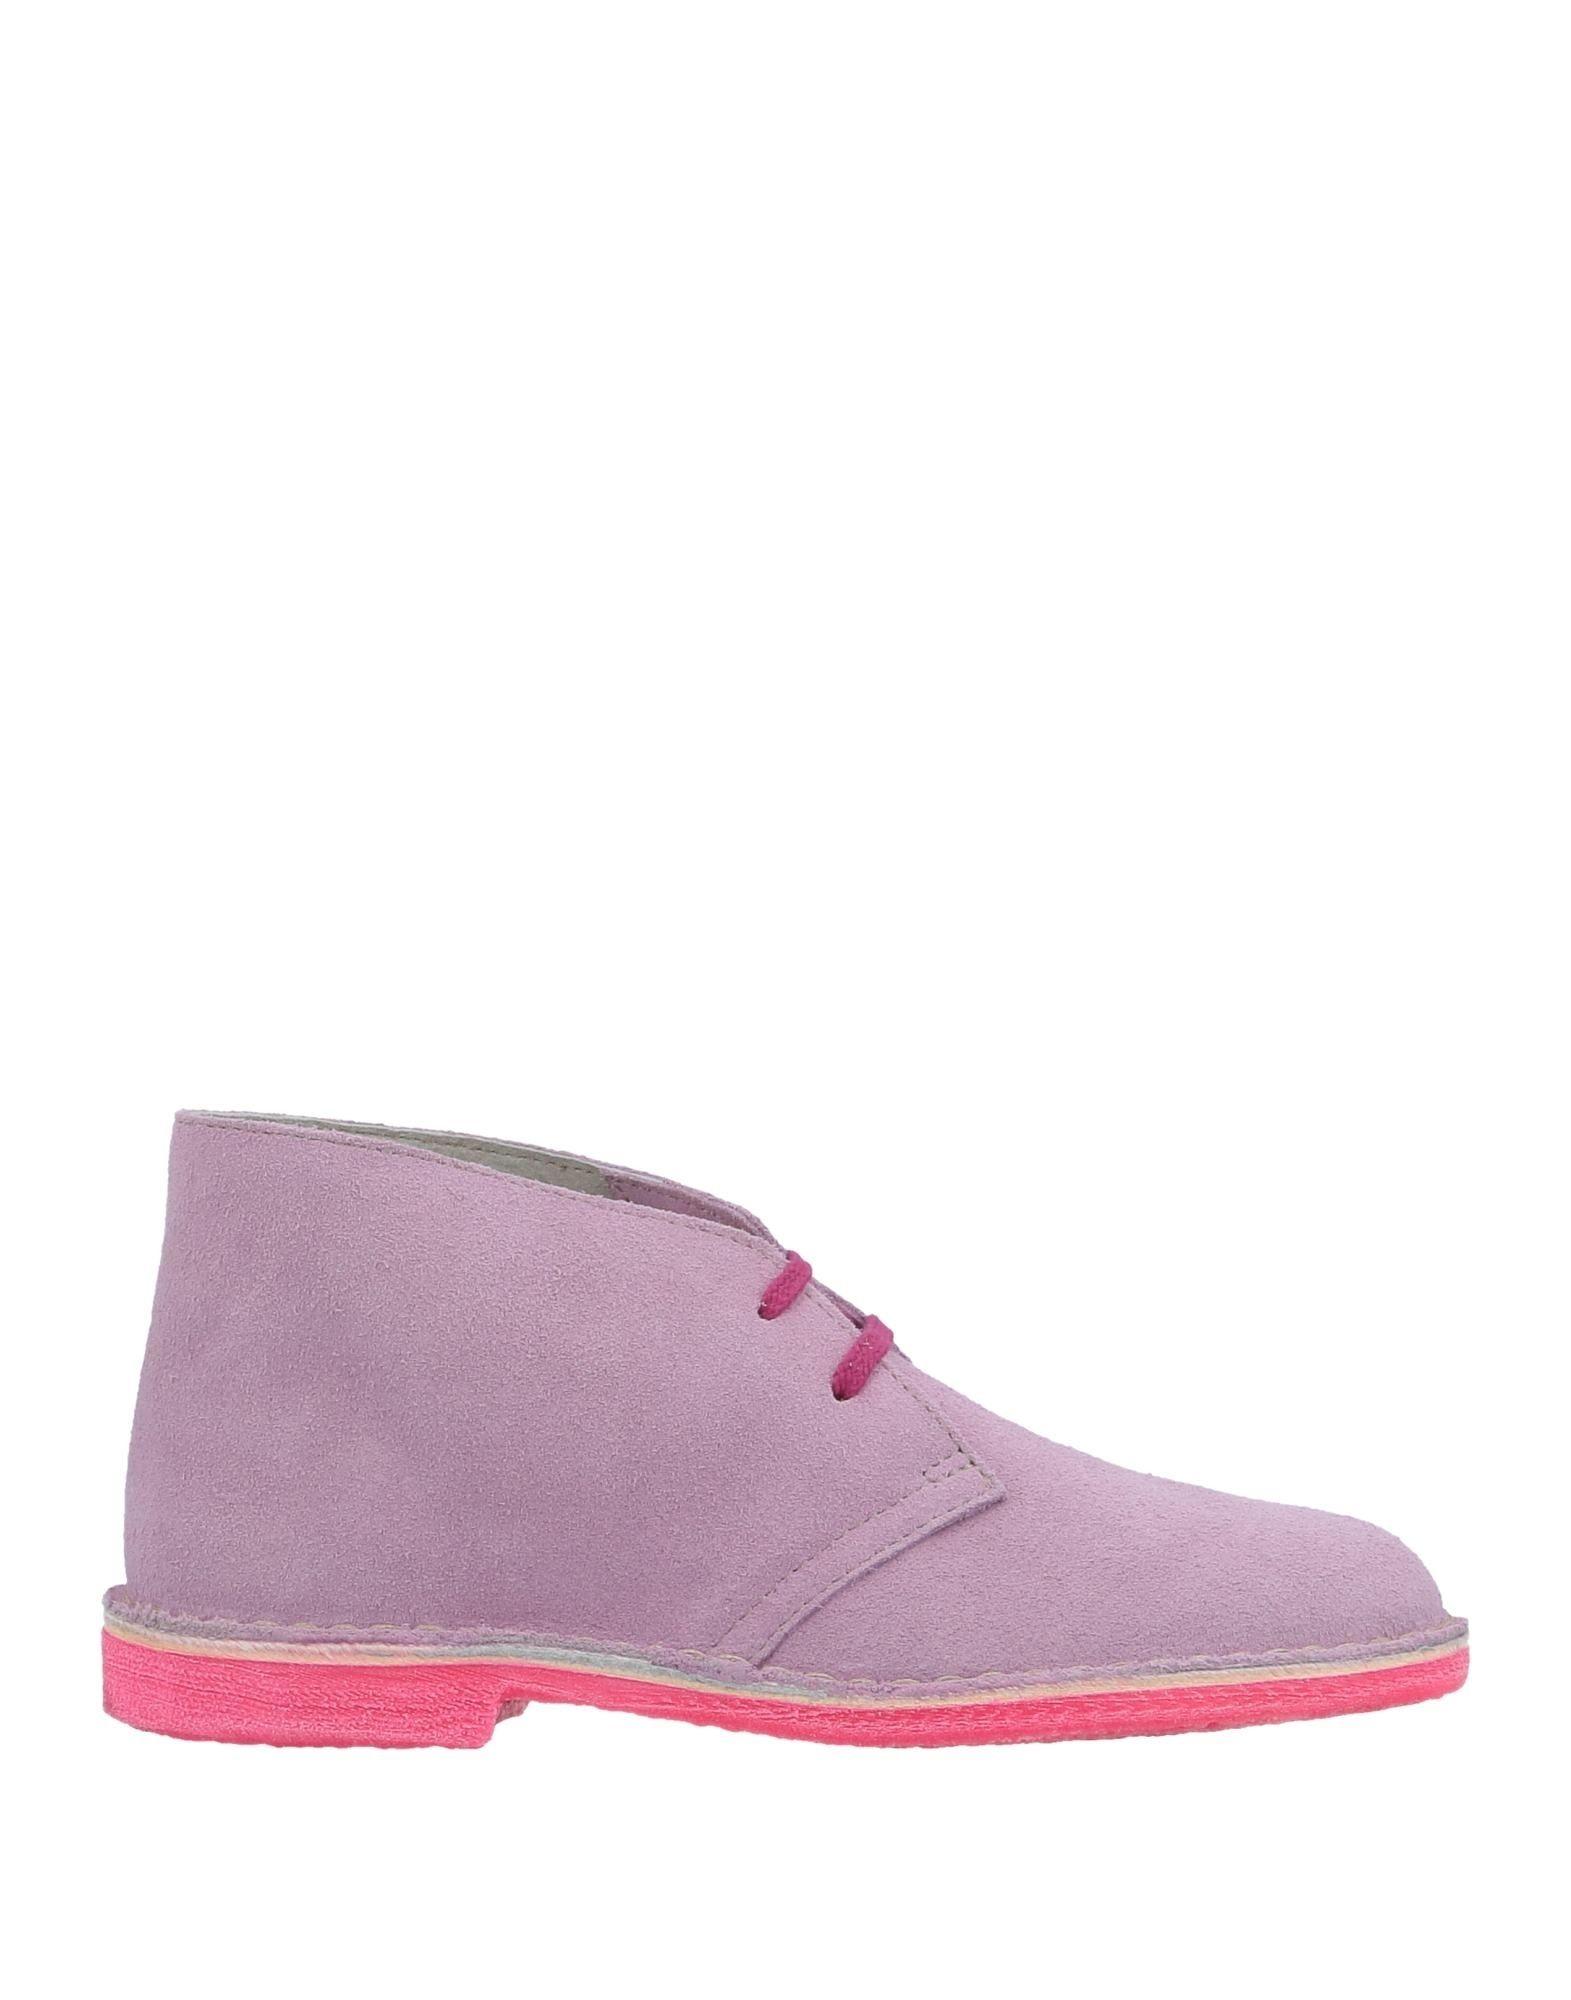 Wally Walker Stiefelette Damen  11242667RW Gute Qualität beliebte Schuhe